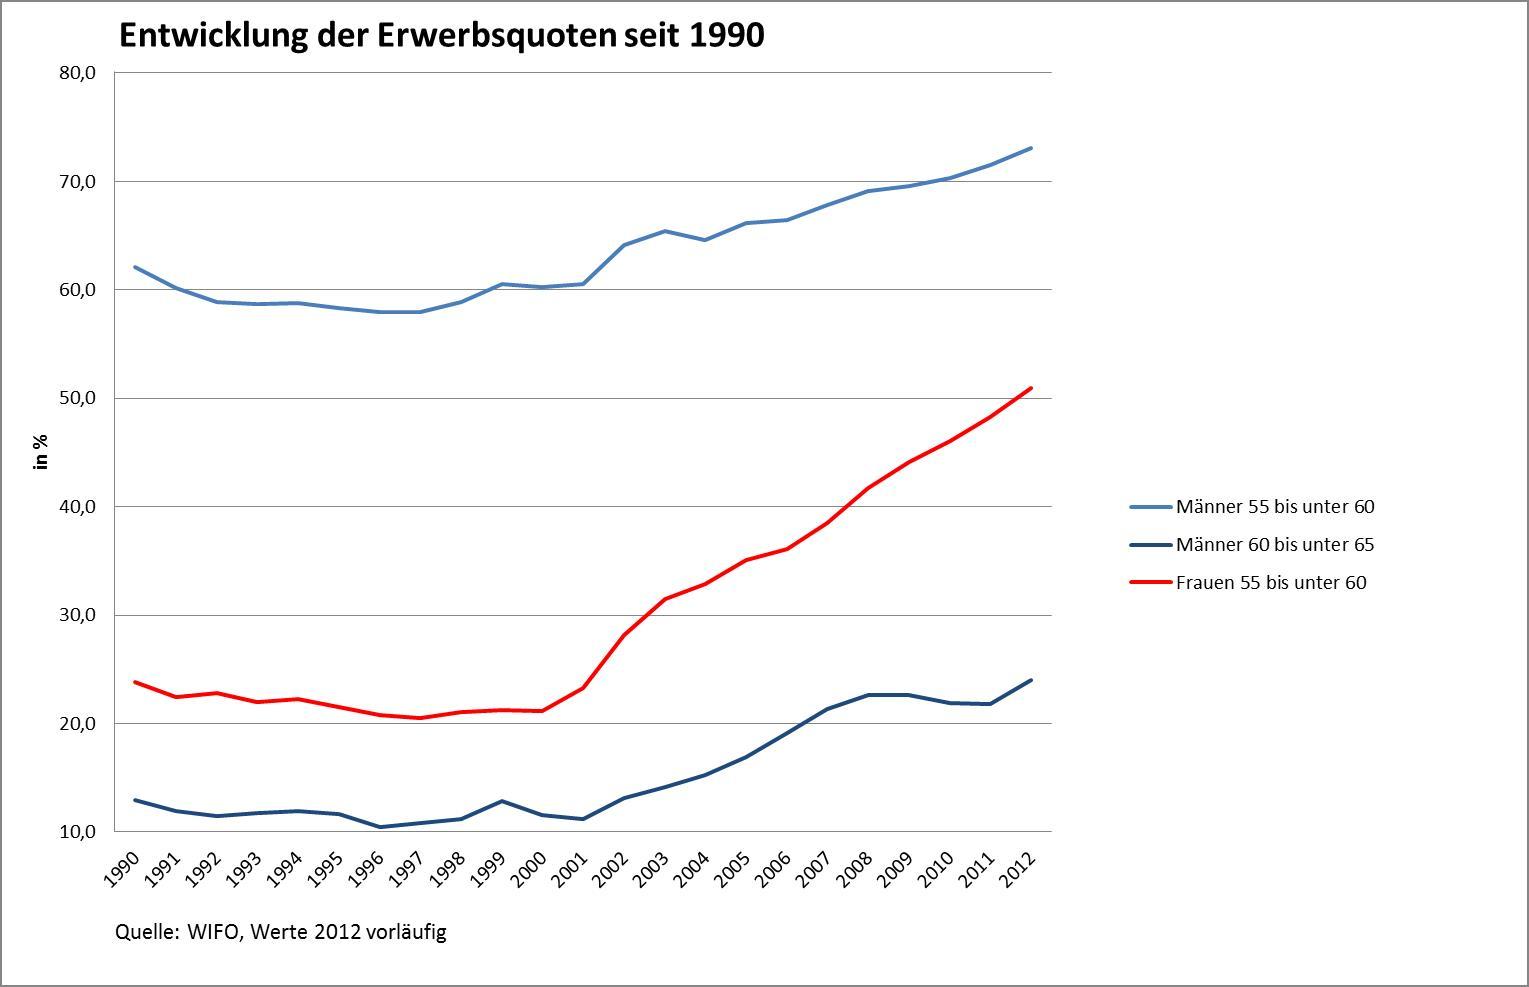 Entwicklung der Erwerbsquoten seit 1990